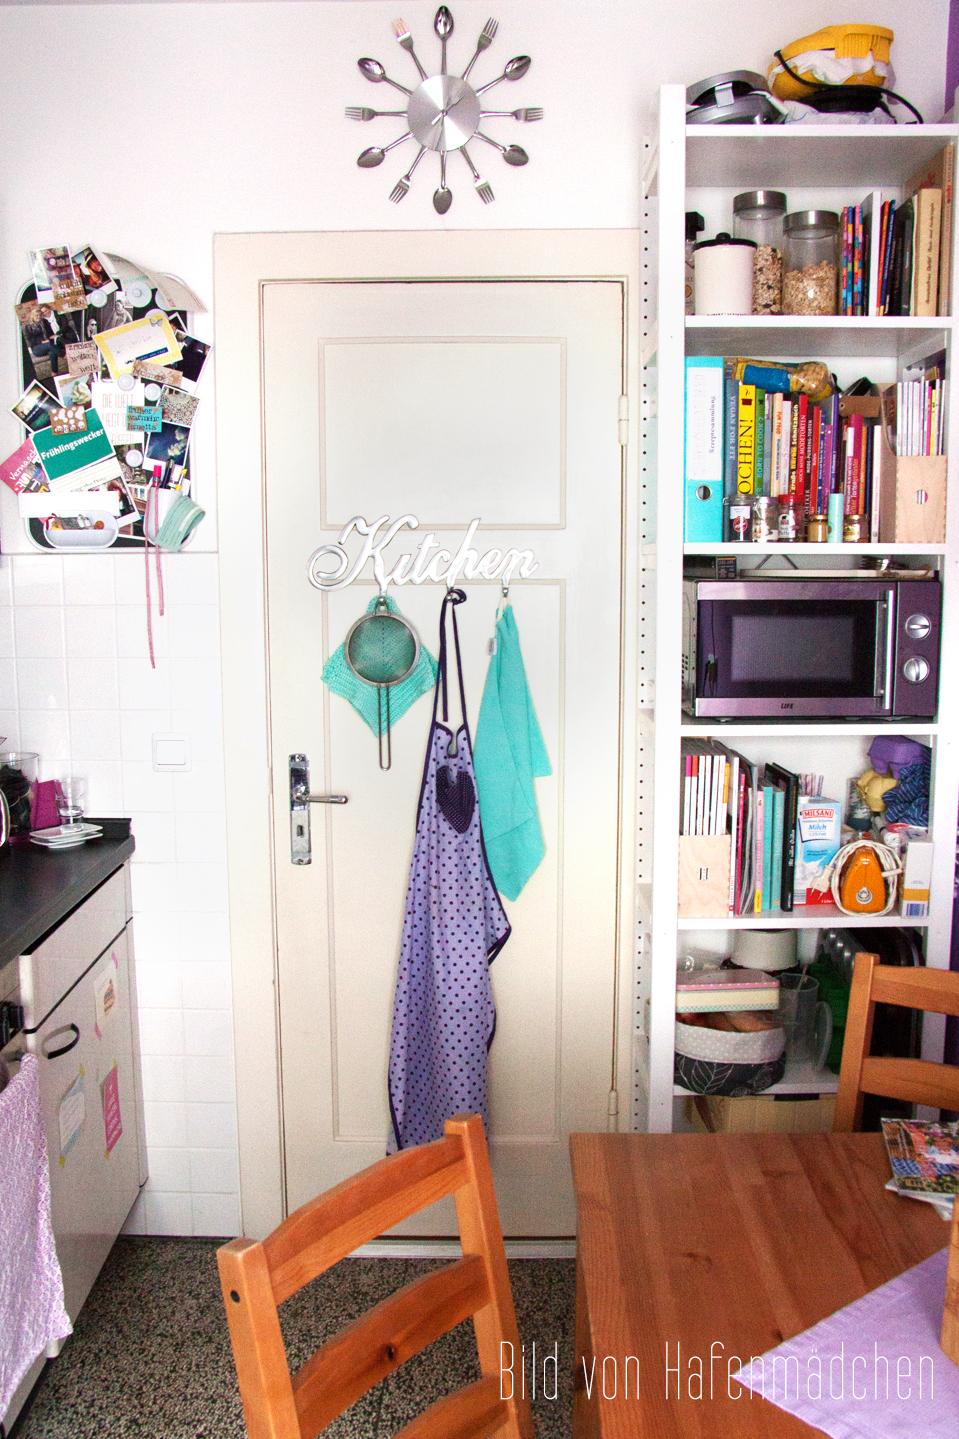 k chenorganisation die mikrowelle video rezepte ordnungsideen und diy. Black Bedroom Furniture Sets. Home Design Ideas